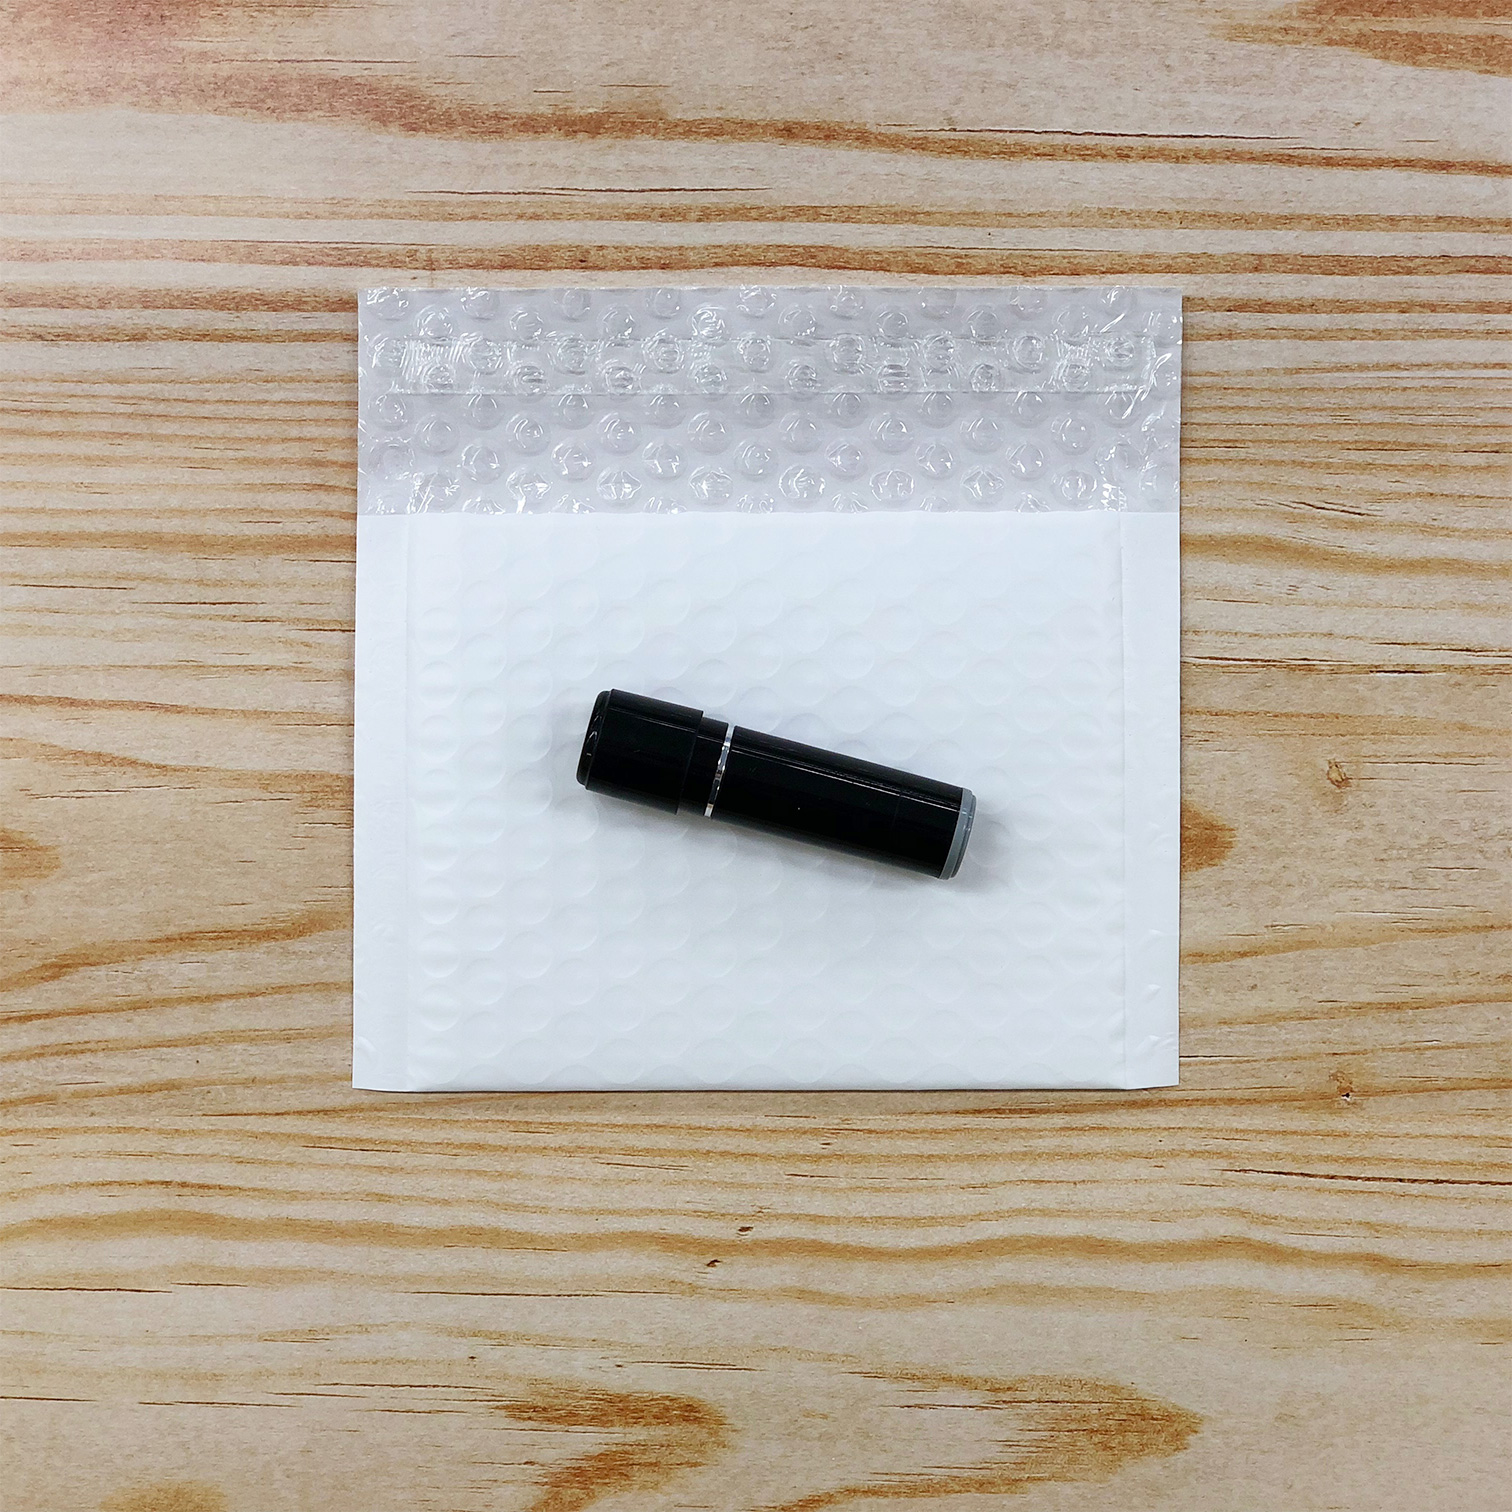 【100枚】クッション封筒 スリム薄型 耐水タイプ ホワイト miniサイズ(外寸150×100+40mm)